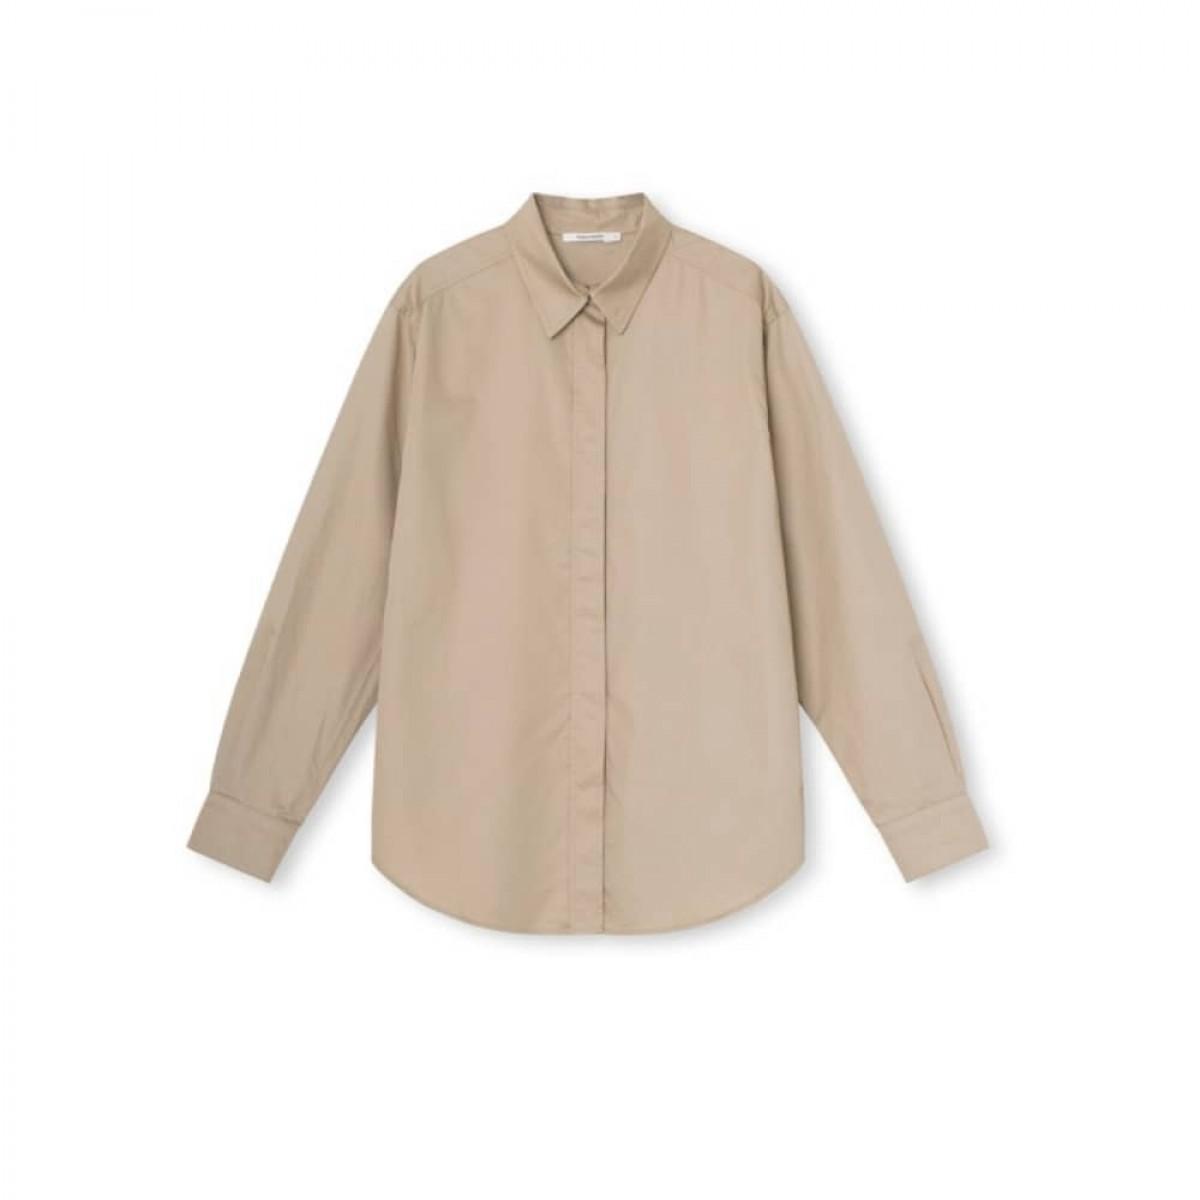 ebba shirt - rye